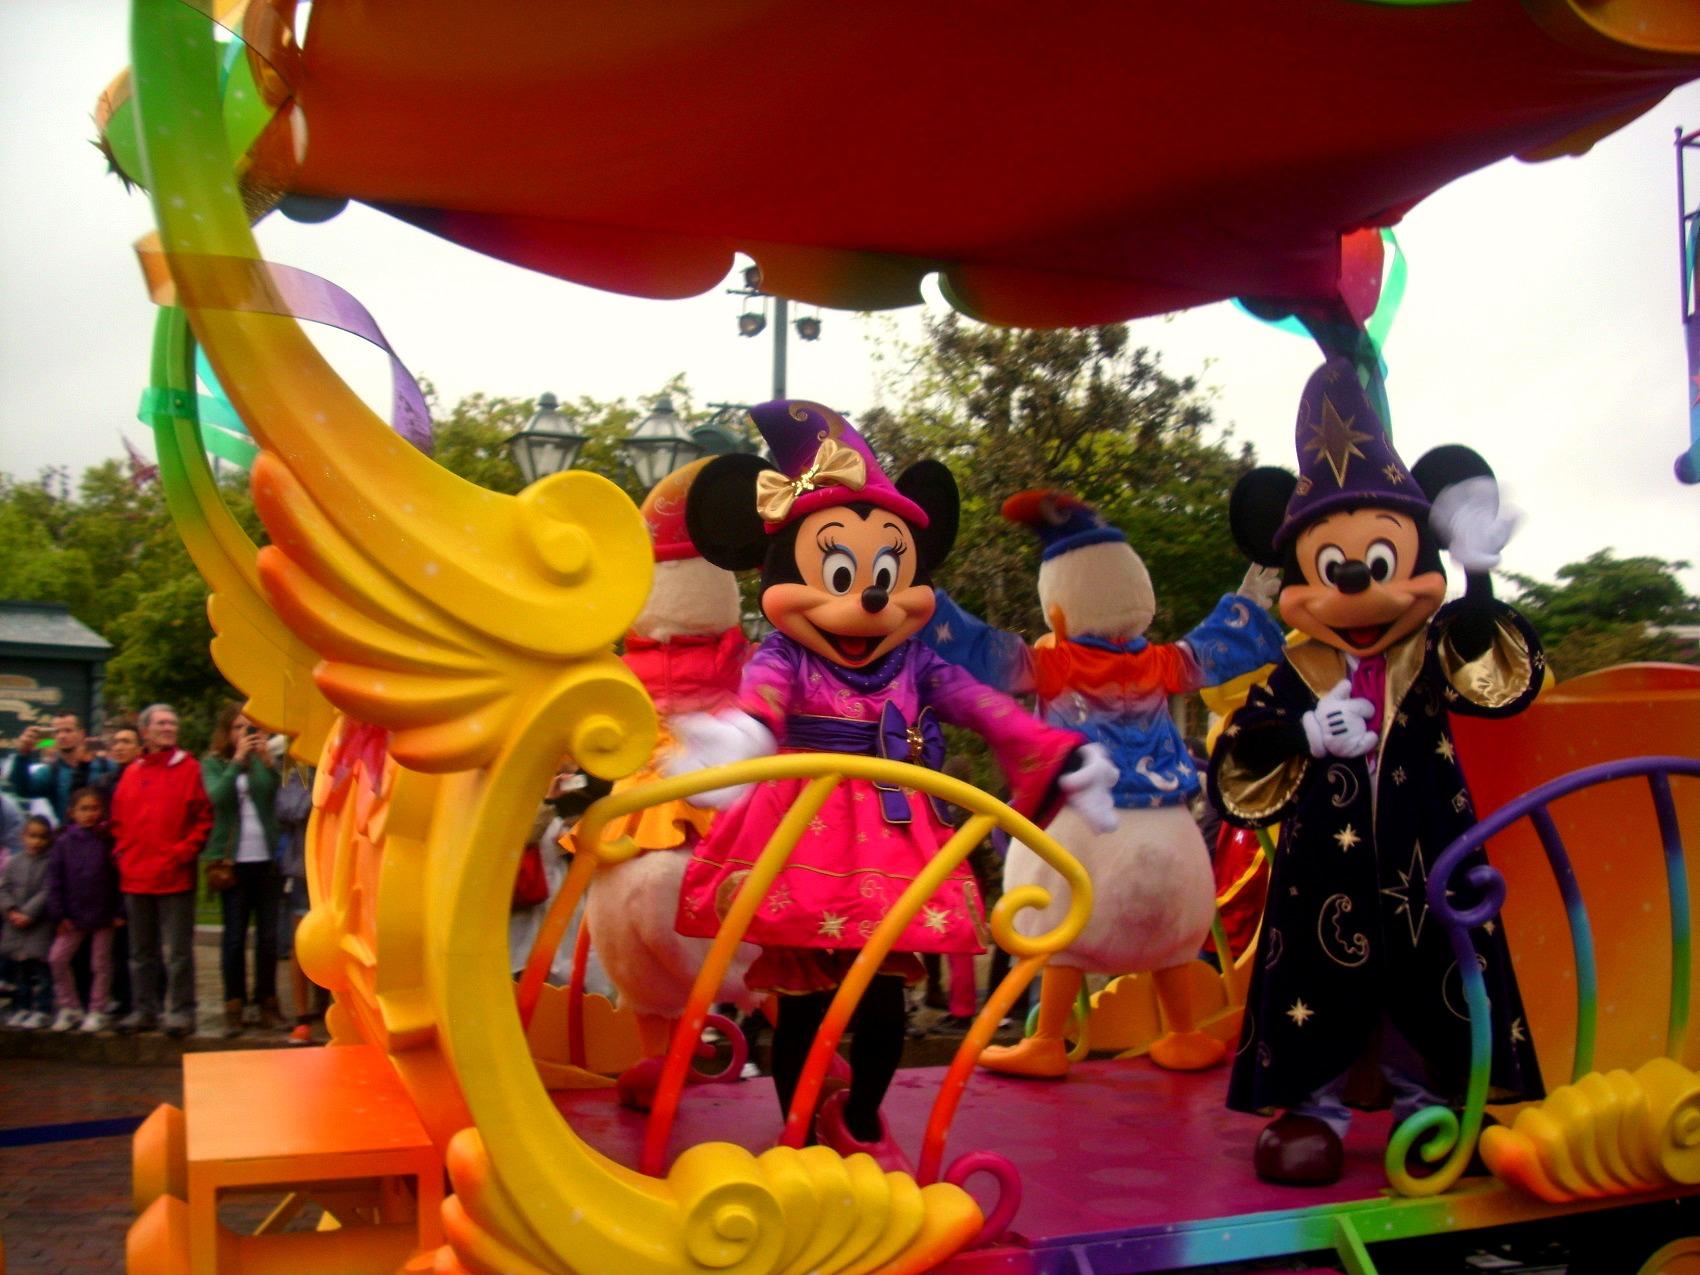 Colorful Disneyland Paris